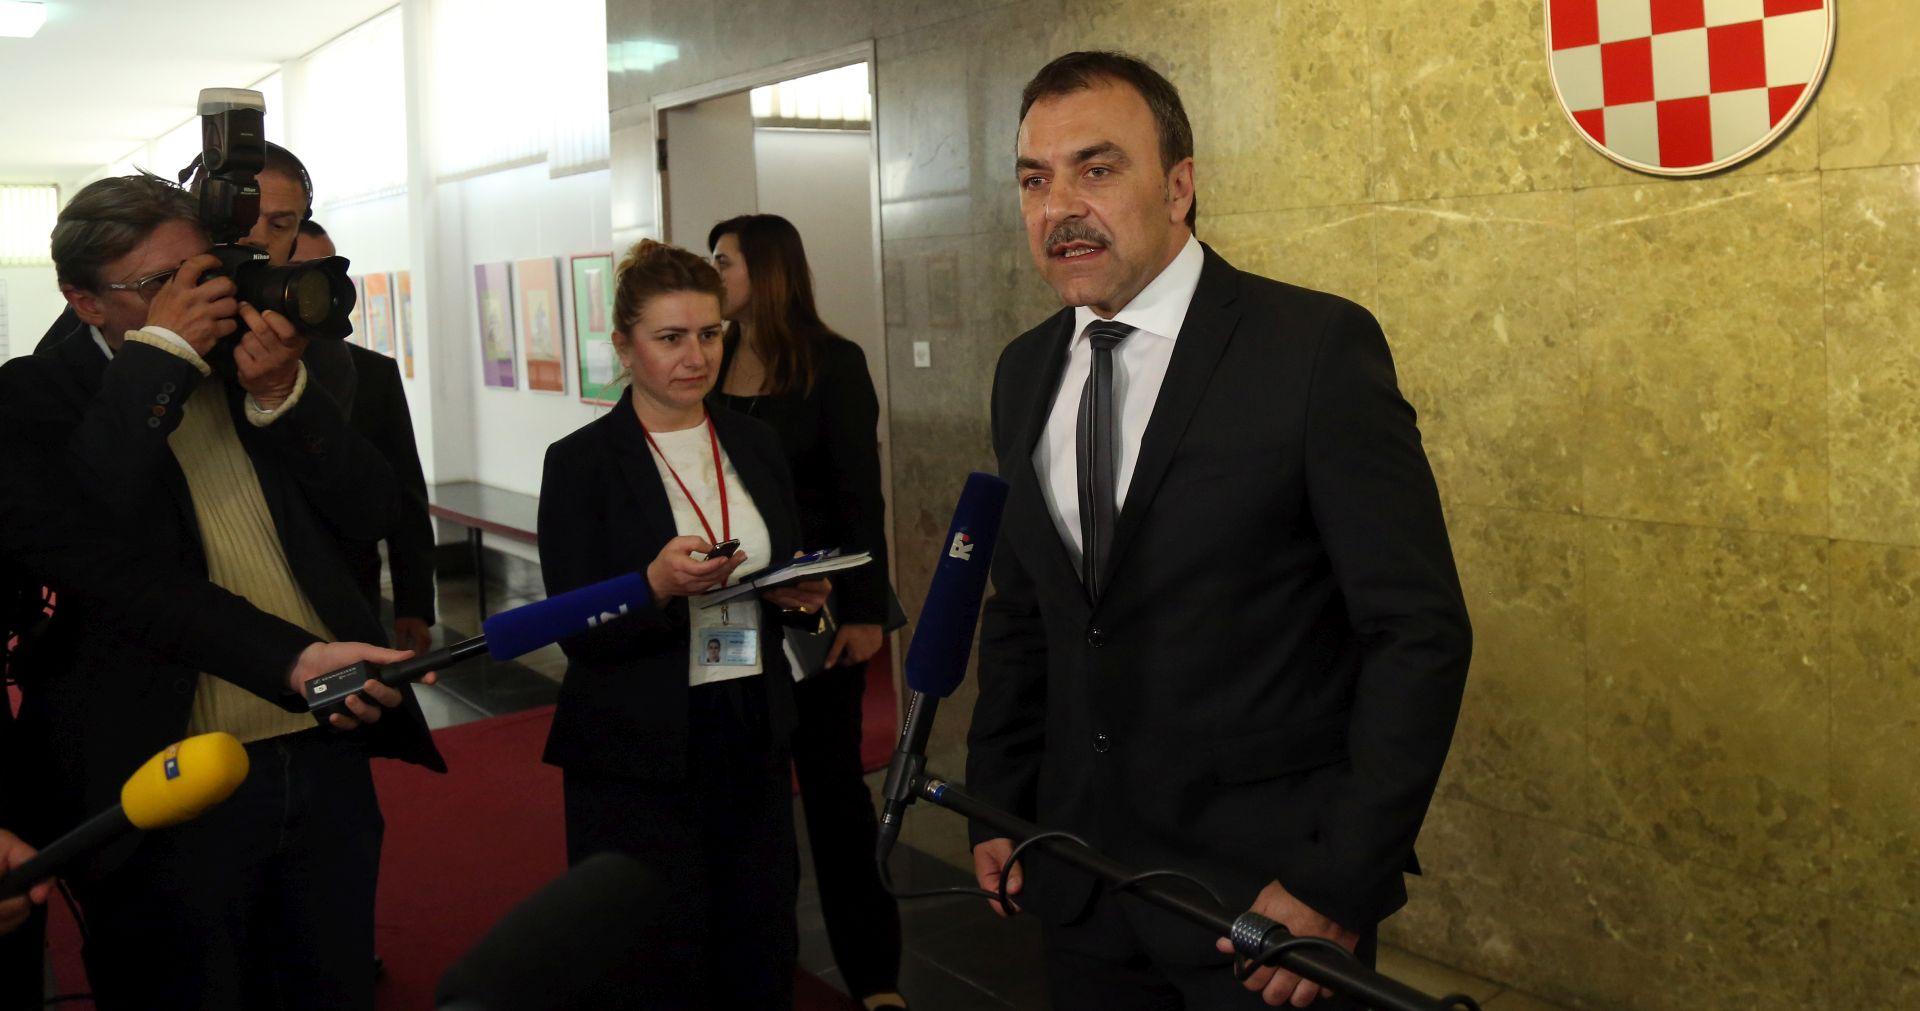 'NEDOPUSTIVI POSTUPCI': Orepić opozvao direktoricu AKD-a i cijeli Nadzorni odbor